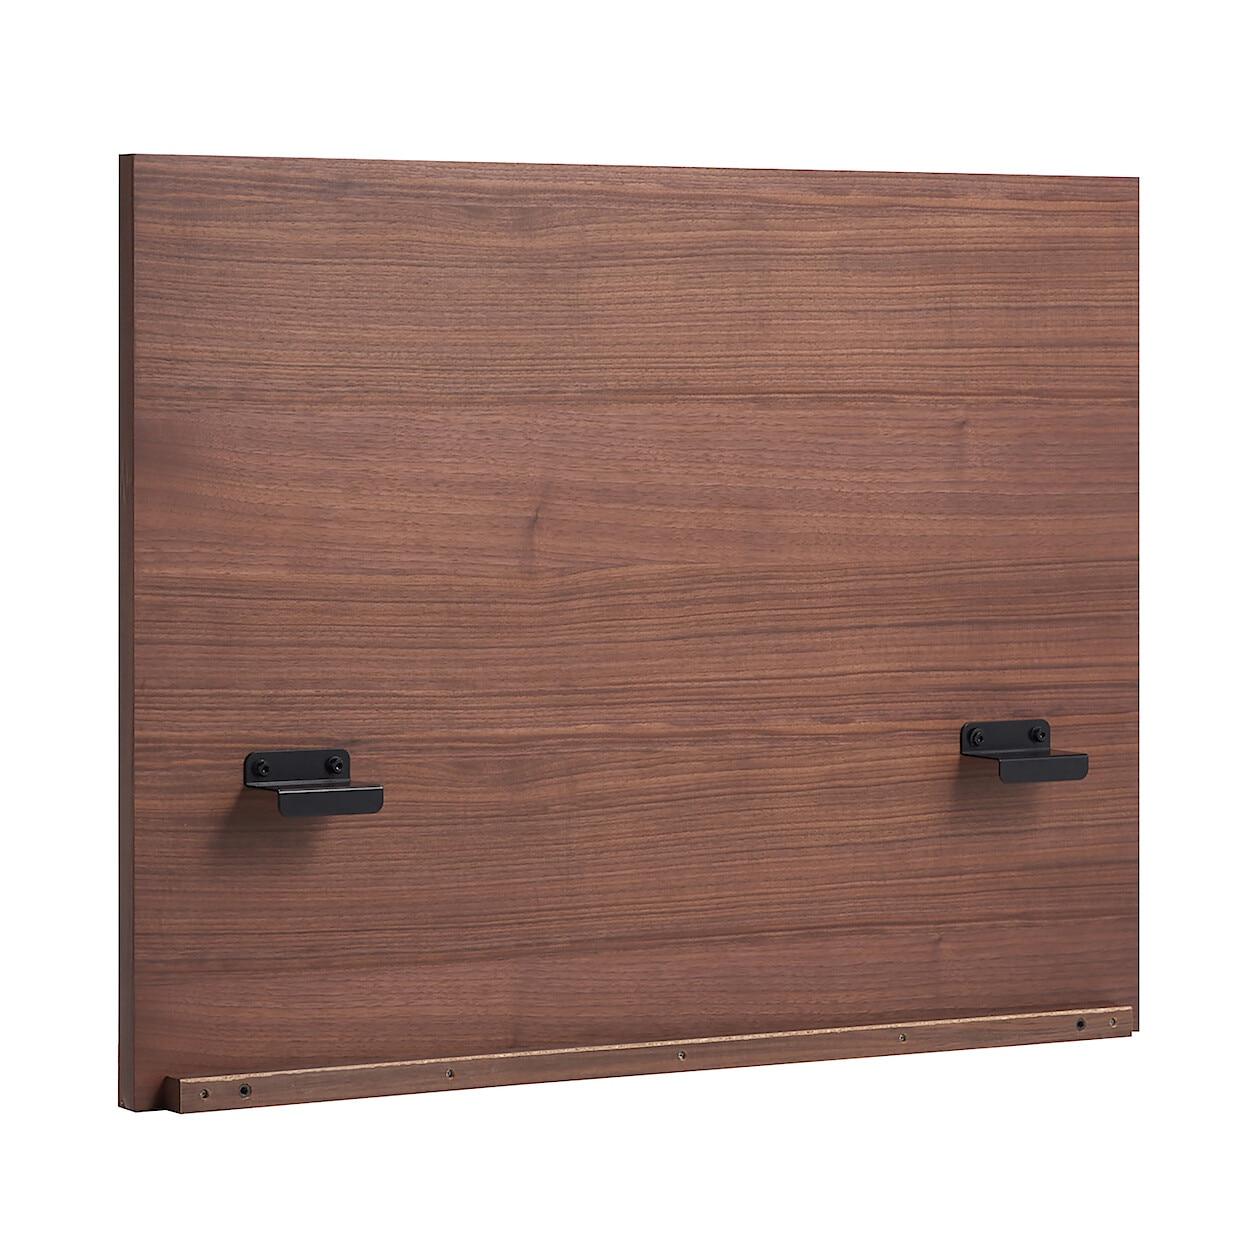 ... 収納ベッド用ヘッドボード・ダブル・ウォールナット材 幅148.5×奥行 ...